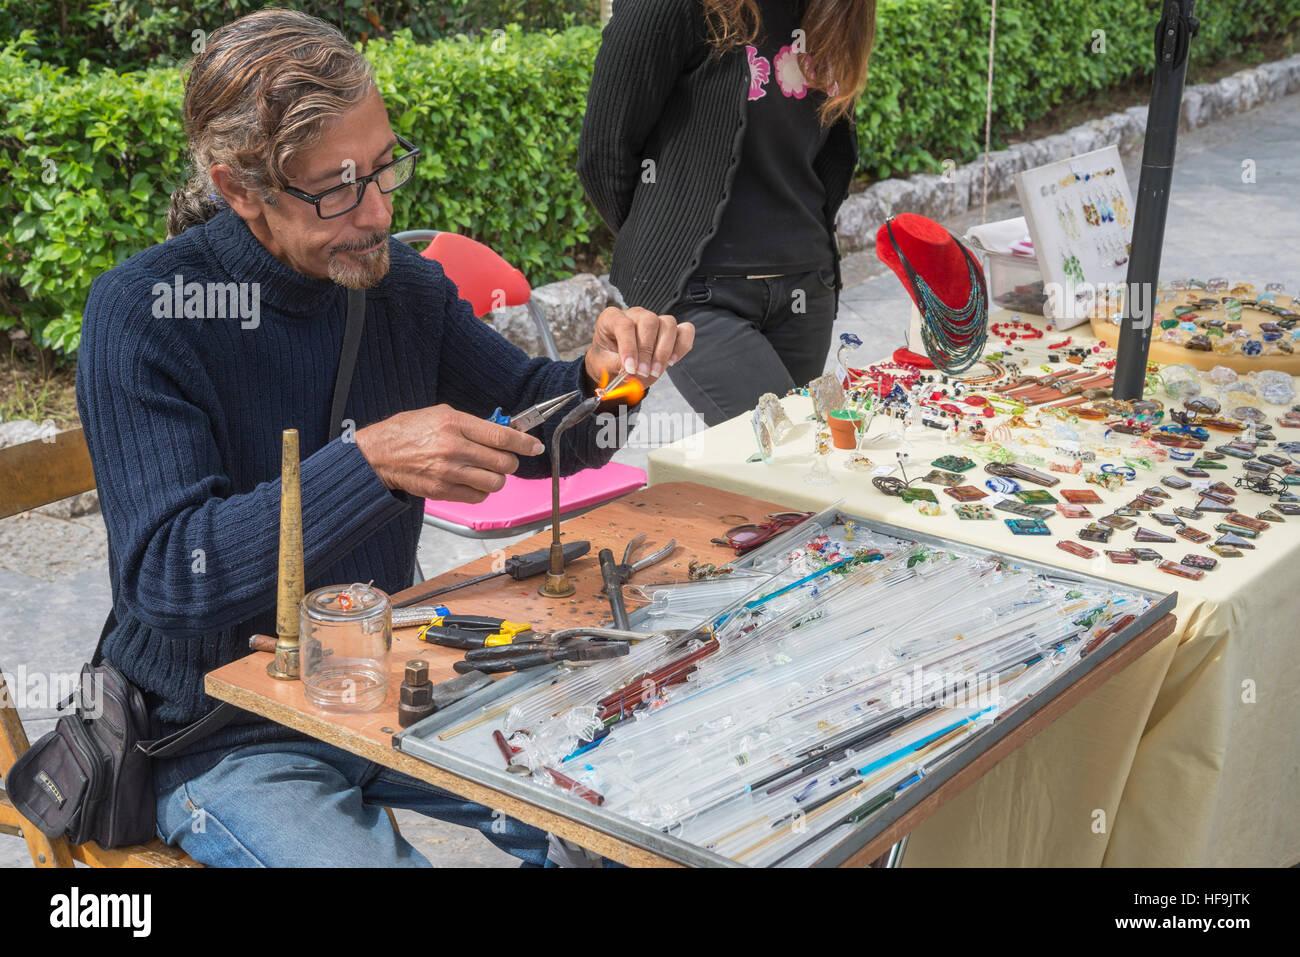 Cordón de decisiones y joyería de vidrio, Palermo, Sicilia, Italia, Europa Imagen De Stock